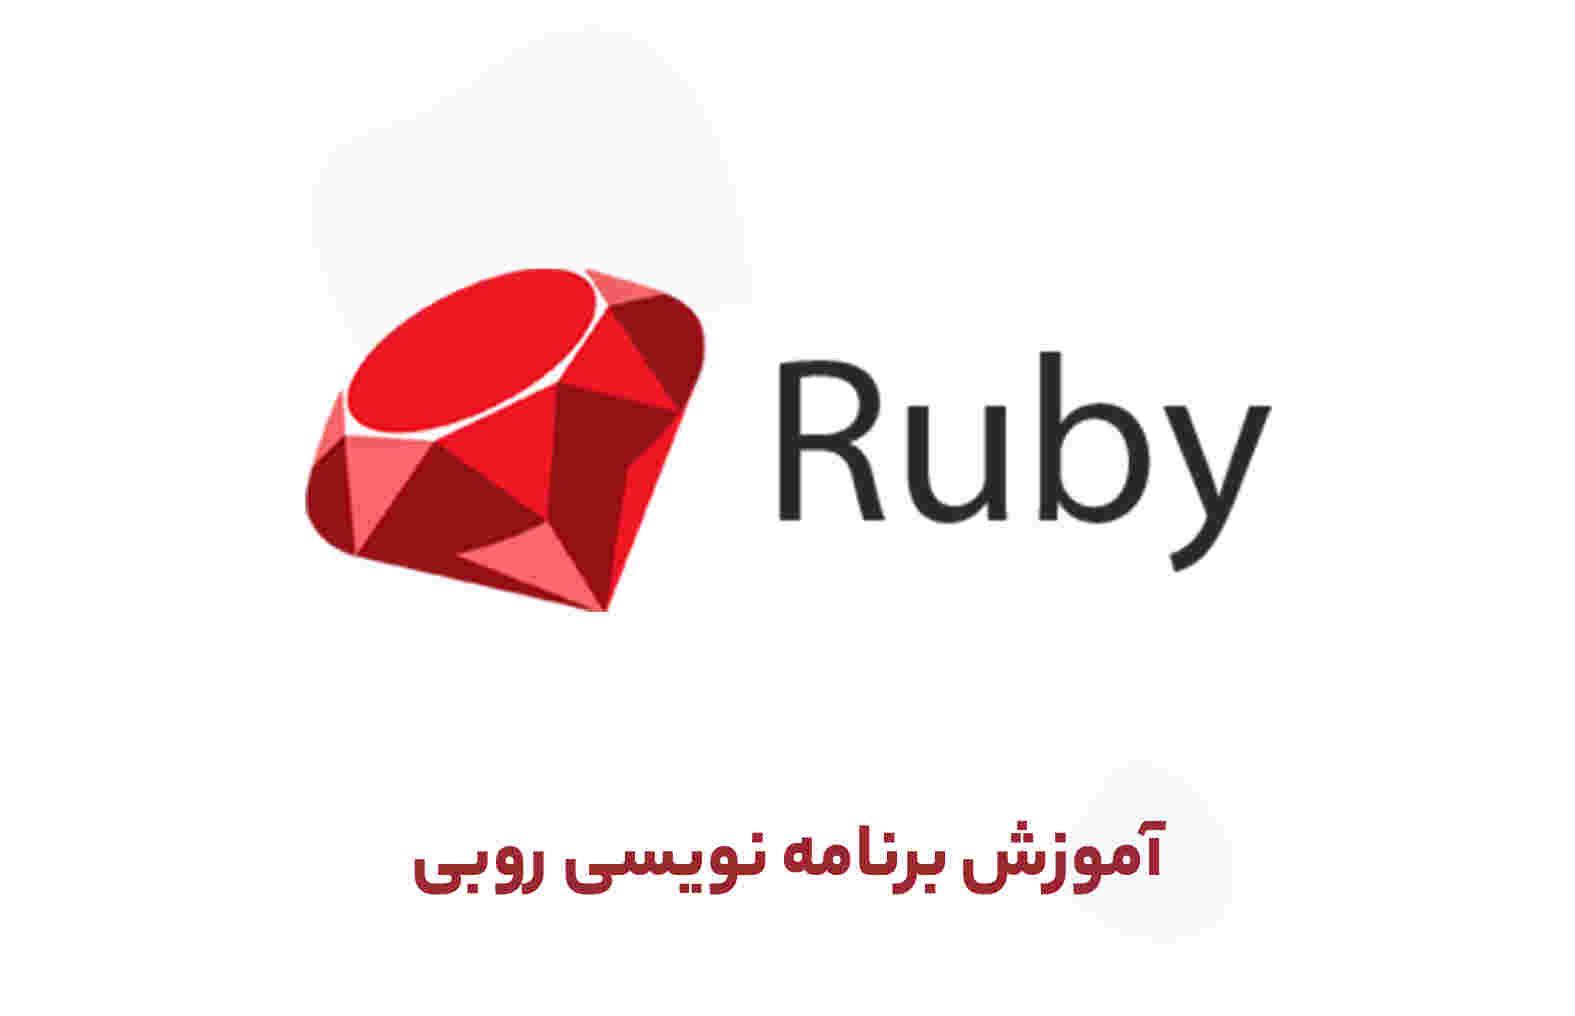 آموزش برنامه نویسی روبی Ruby